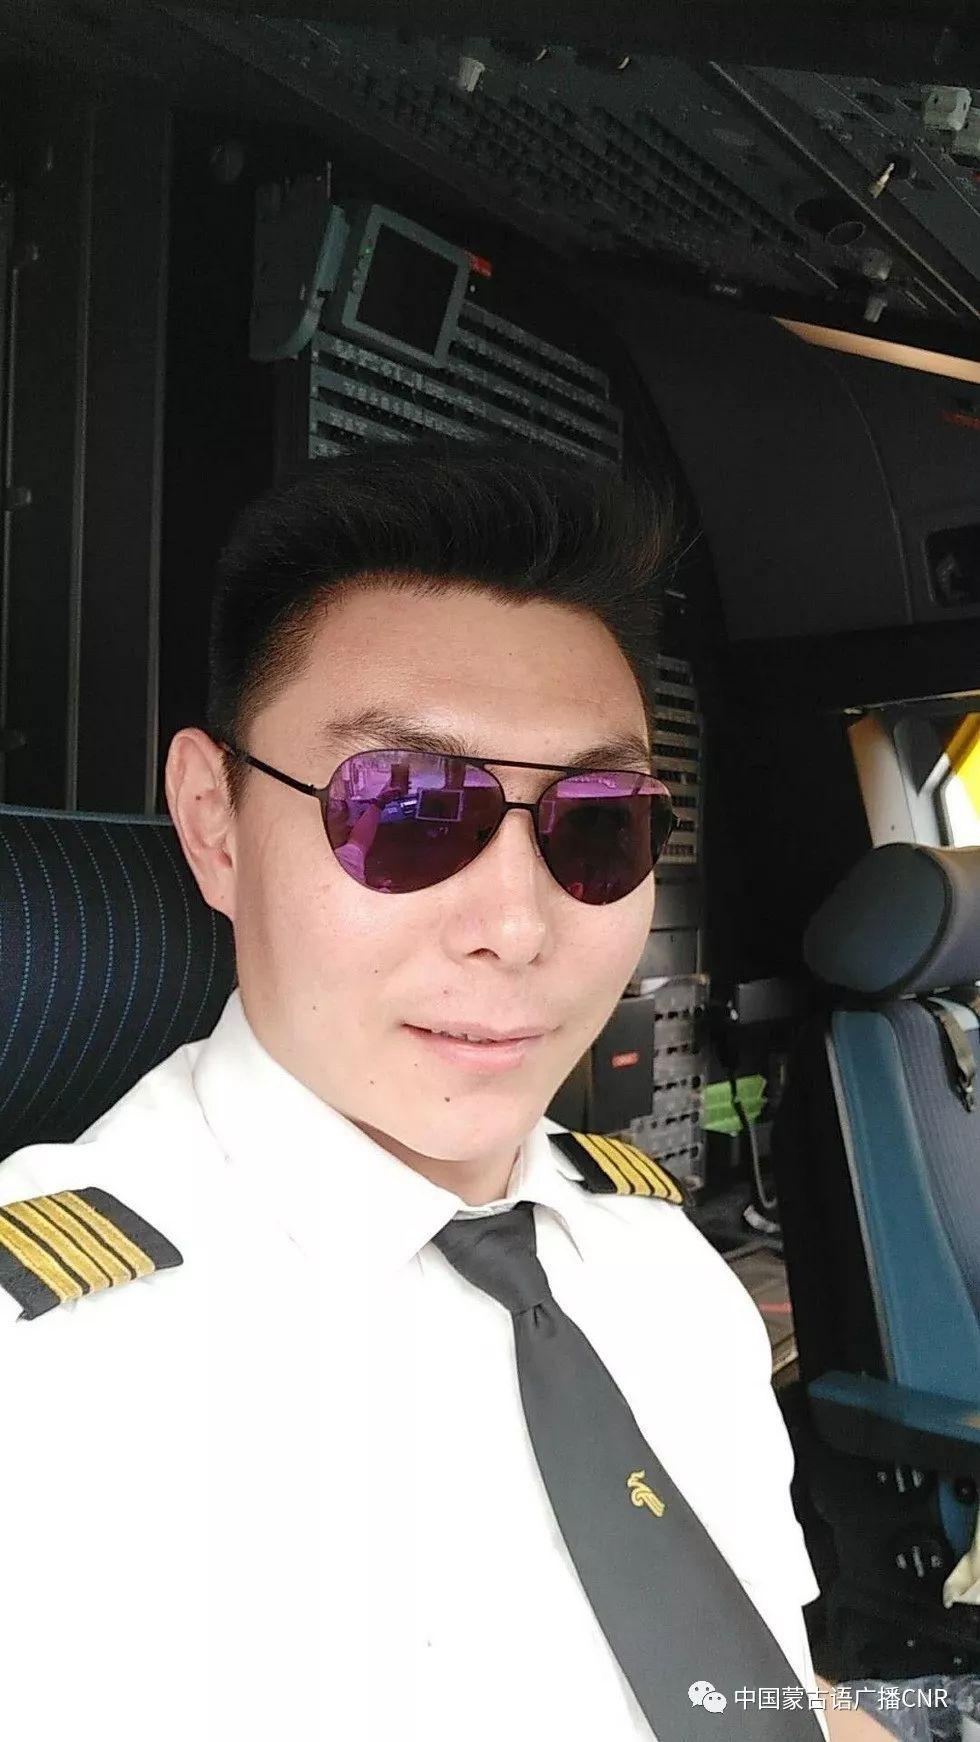 年轻的蒙古族机长——阿迪亚 第11张 年轻的蒙古族机长——阿迪亚 蒙古文化